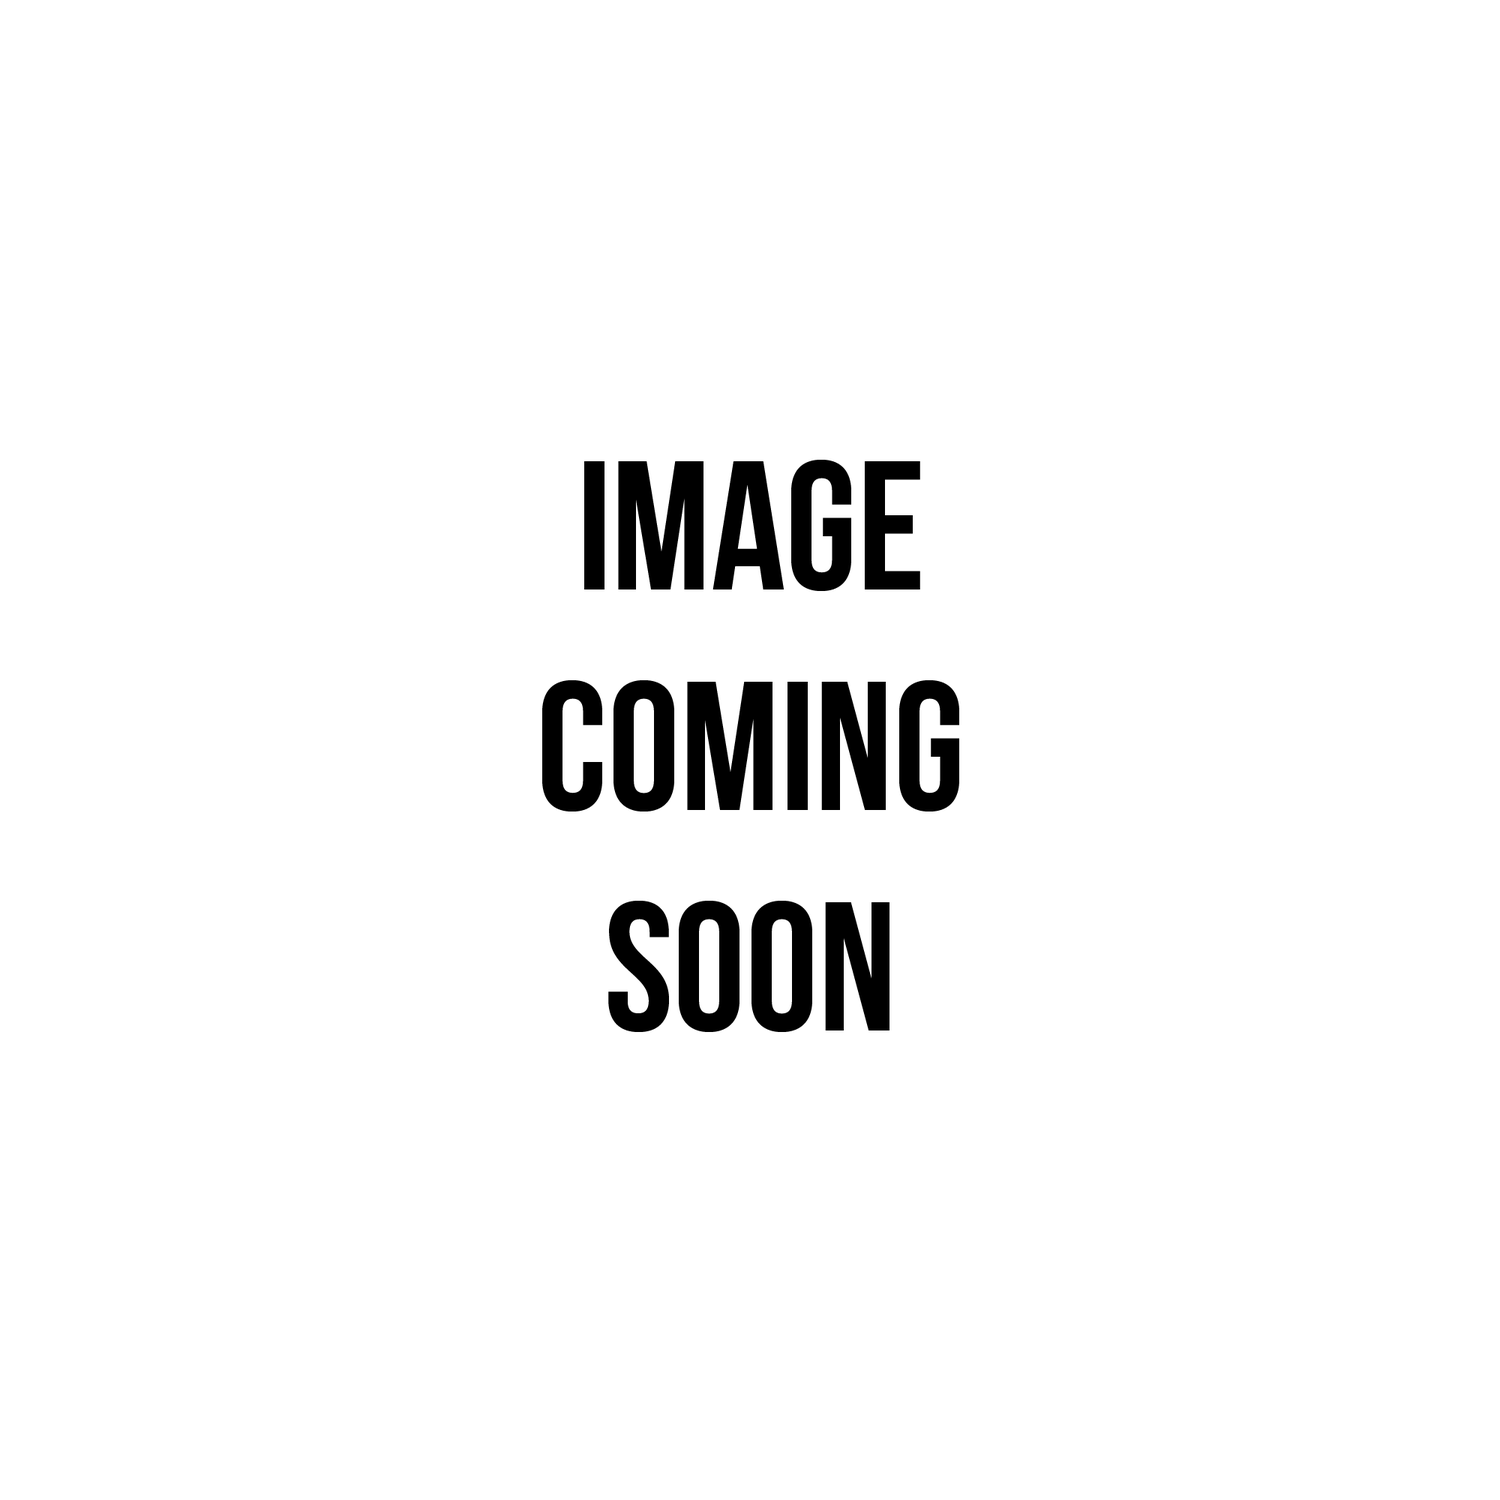 5c898567be279 czech jual sepatu nike flyknit lunar 3 unblocked 0dbd6 a6106